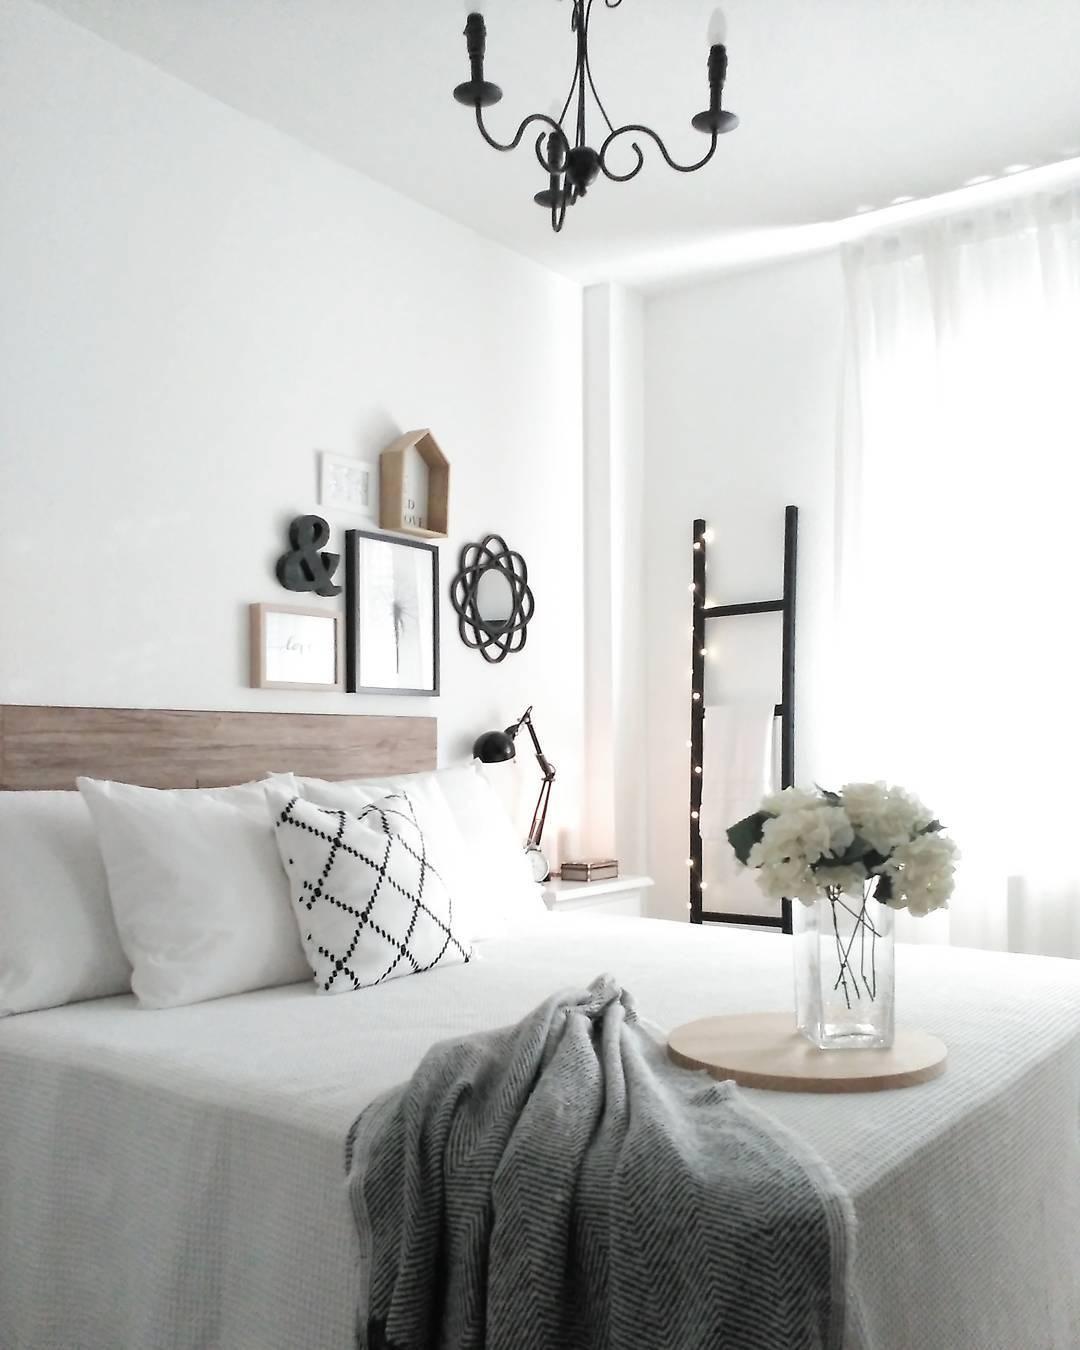 bedroom goals das wei der bettw sche w nde und blumen bringt diesen look zum strahlen. Black Bedroom Furniture Sets. Home Design Ideas